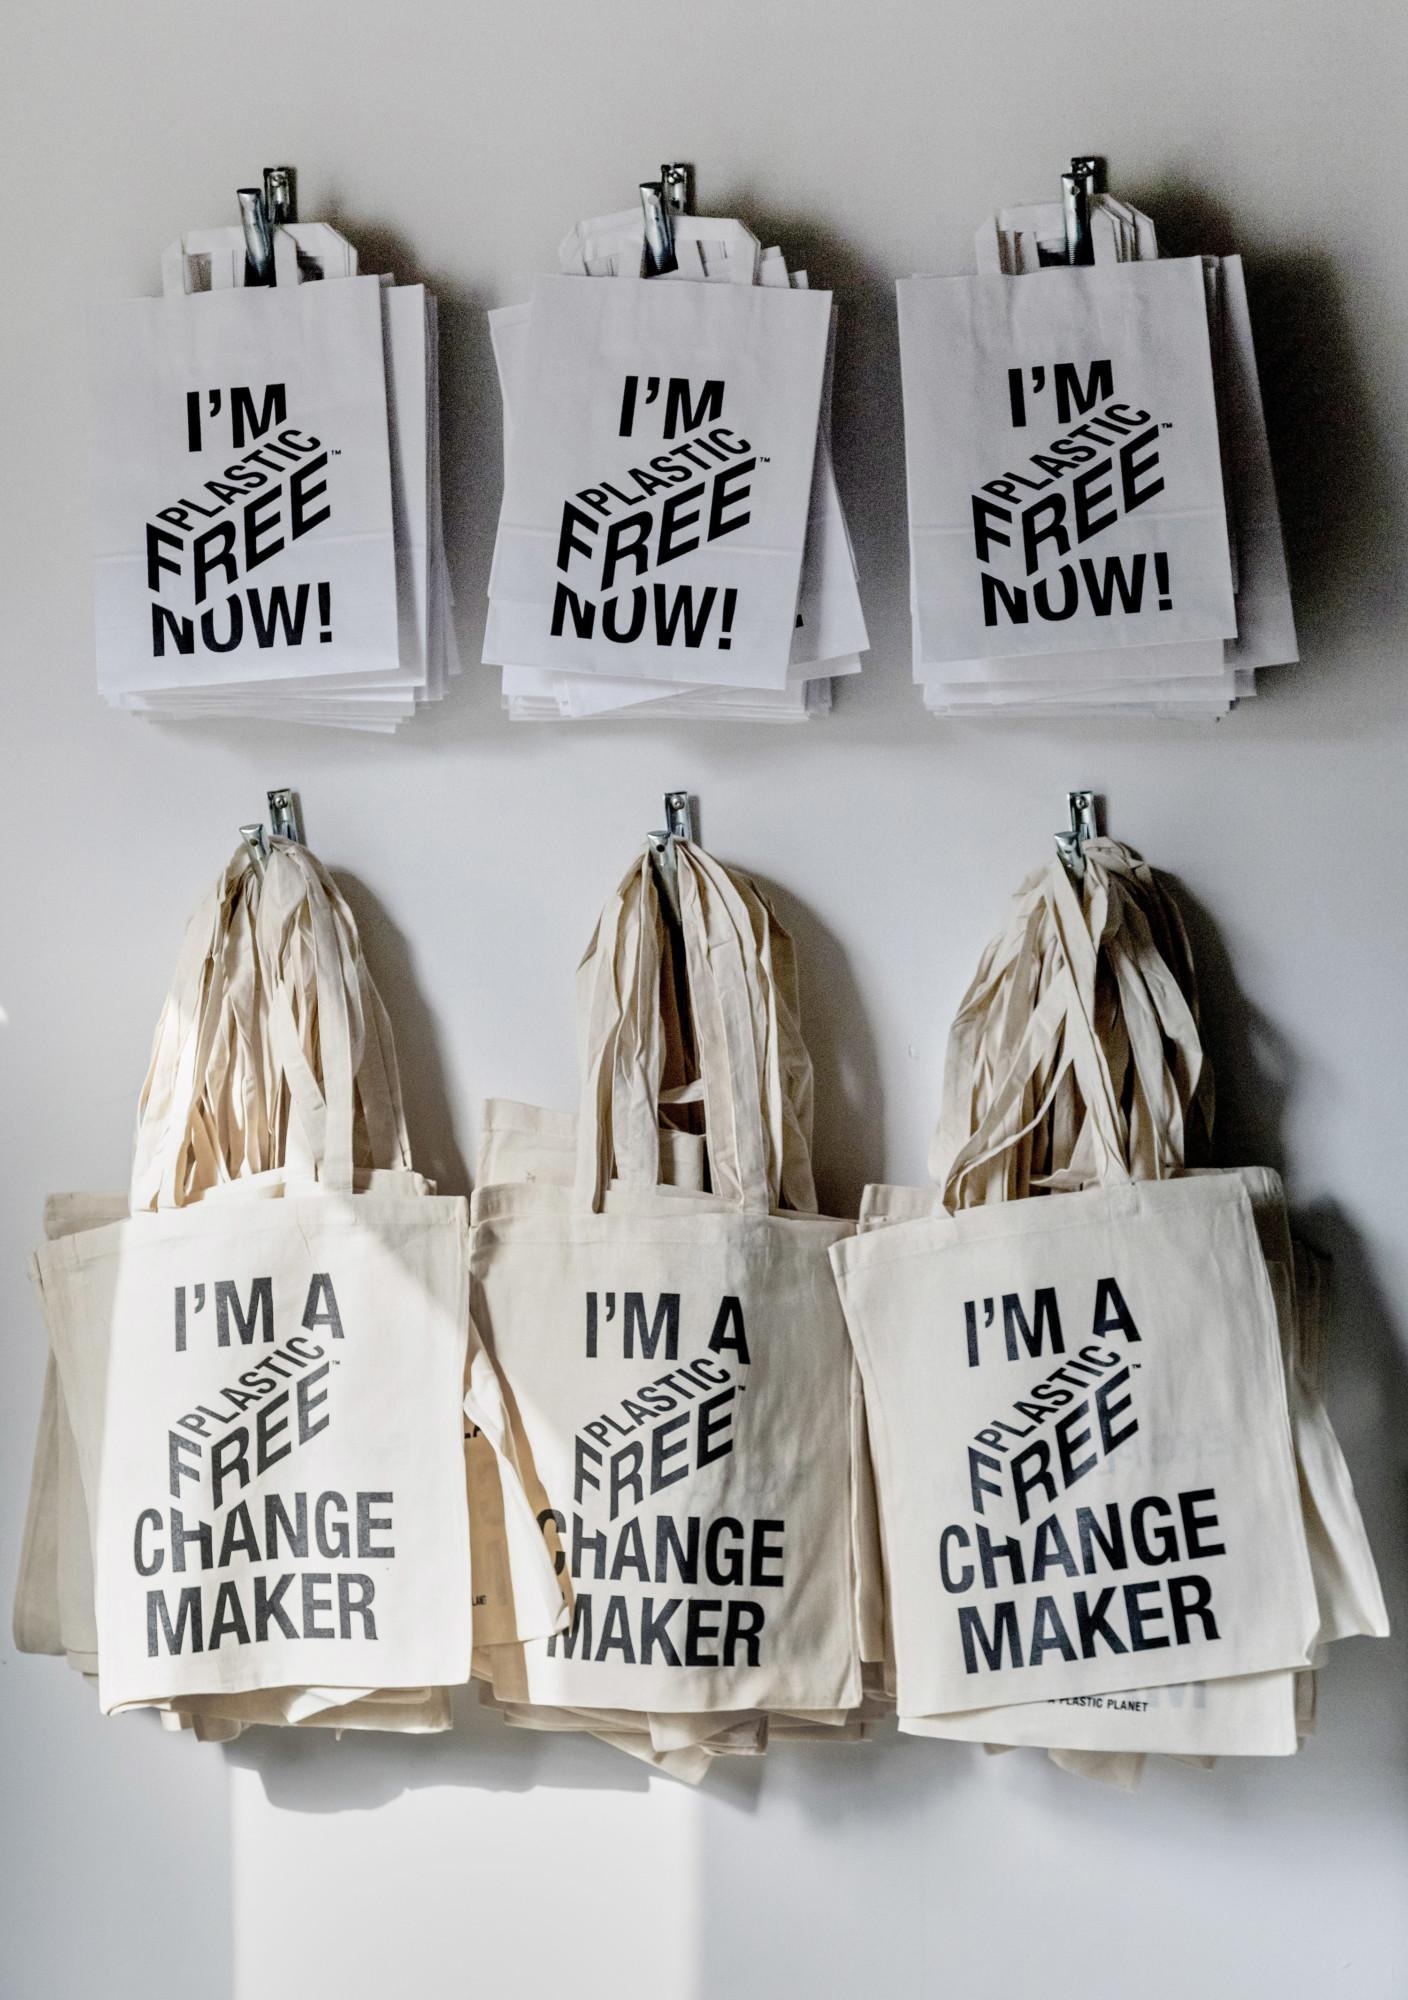 新鮮食品無塑料包裝不行?全球第一間「無塑料超市」給你證明:行!